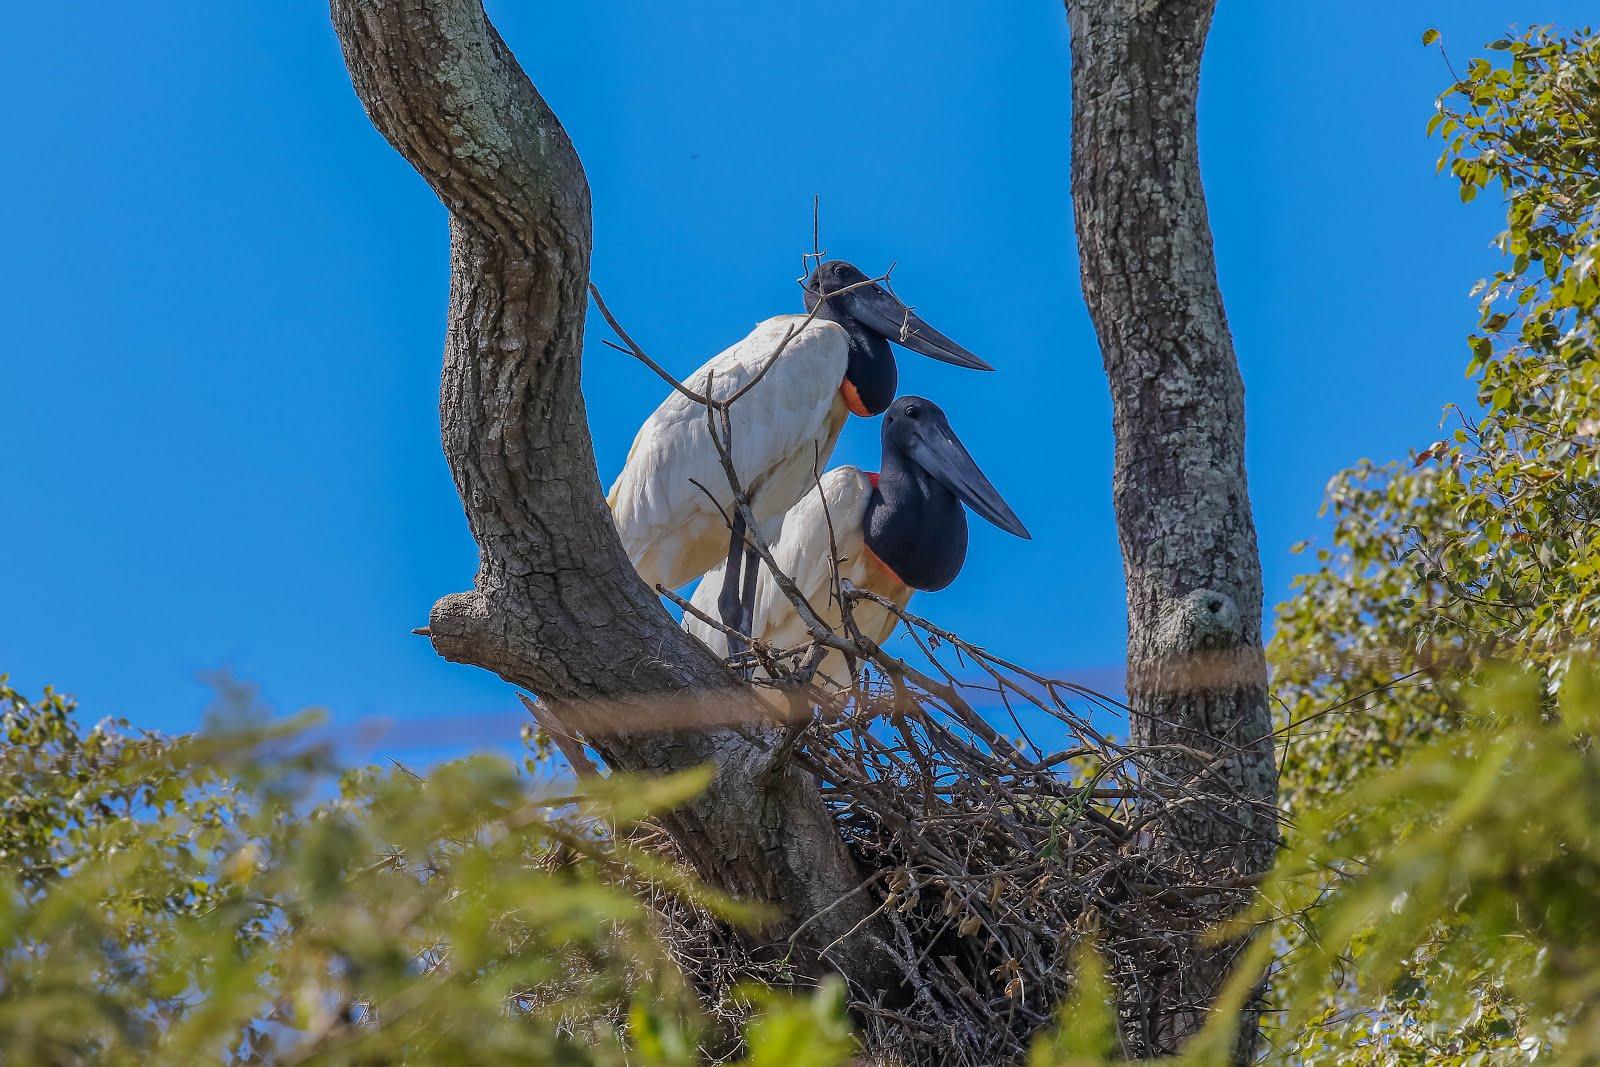 POSTER: Tuiuius no Pantanal. Poconé, Brasil.